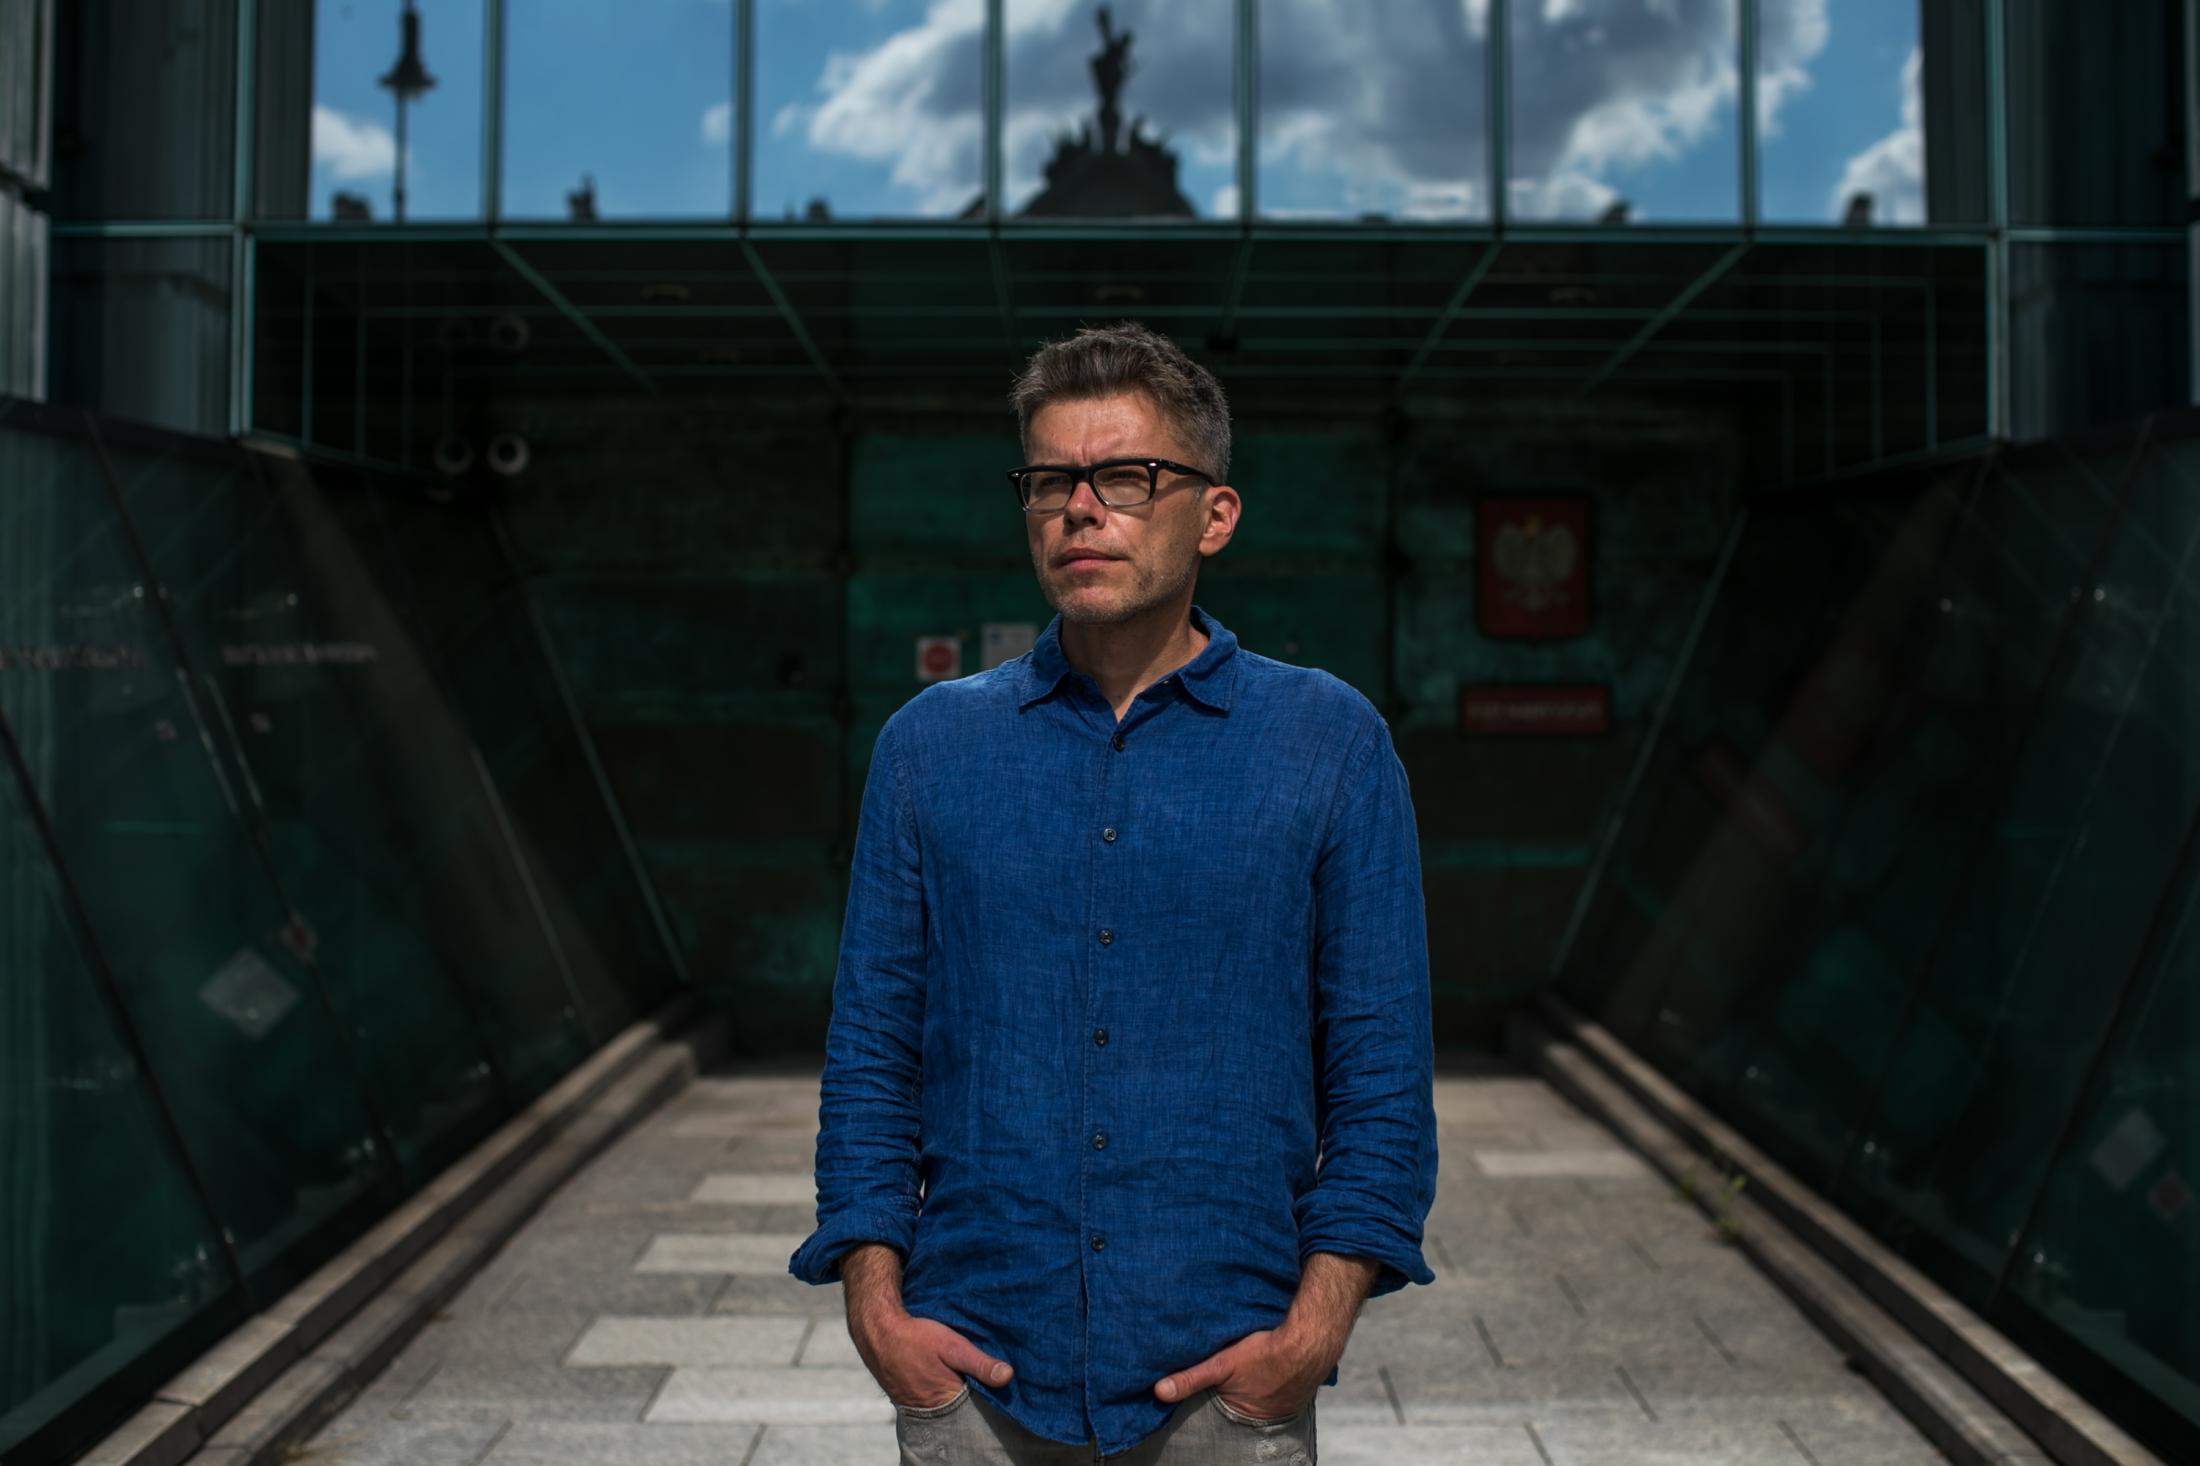 Ex-judge Igor Tuleya Portrait on assignment for Der Spiegel